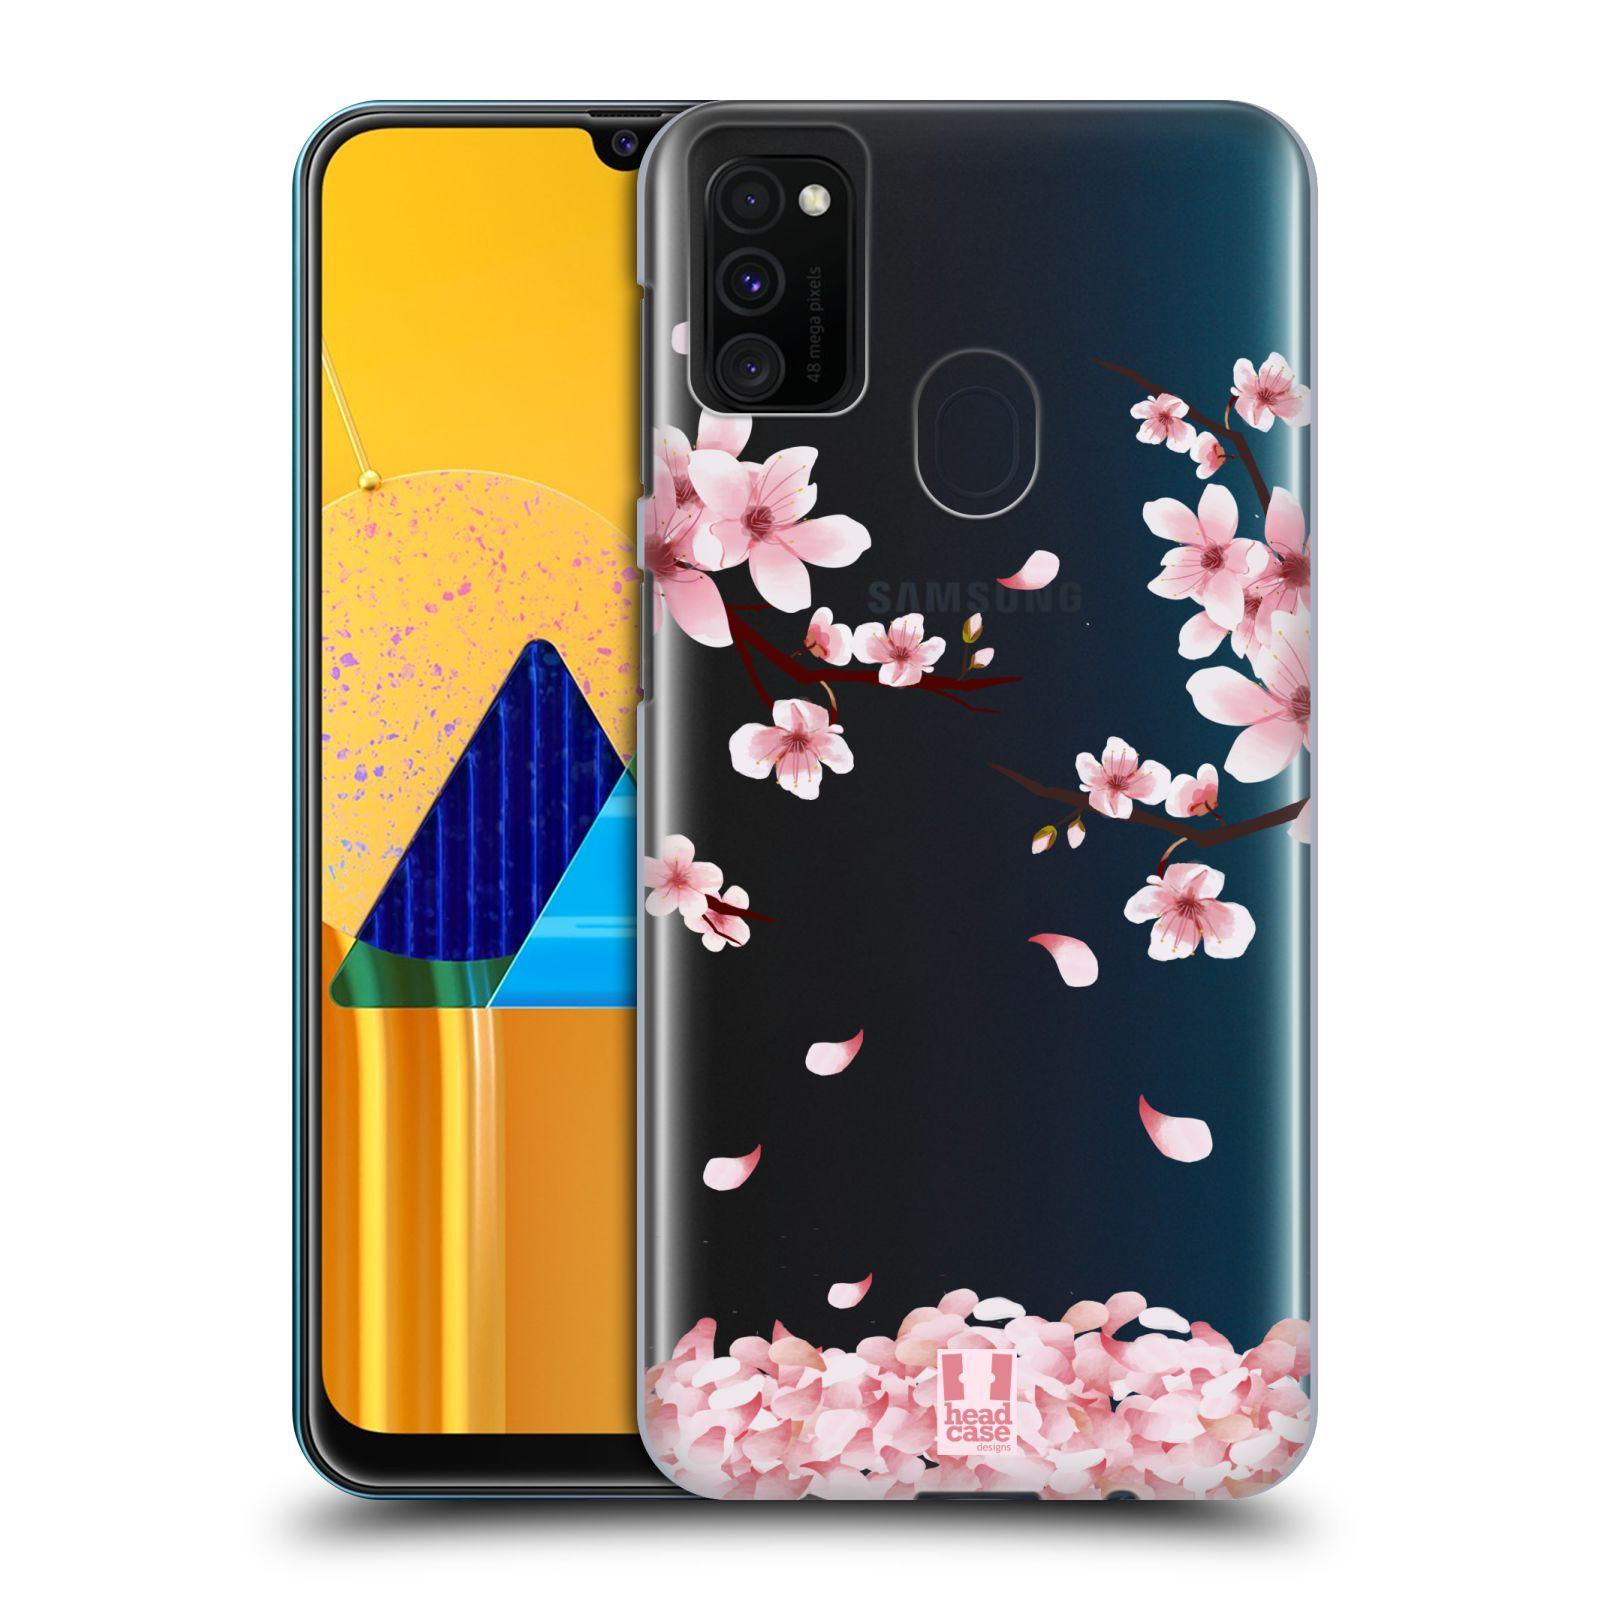 Plastové pouzdro na mobil Samsung Galaxy M21 - Head Case - Květy a větvičky